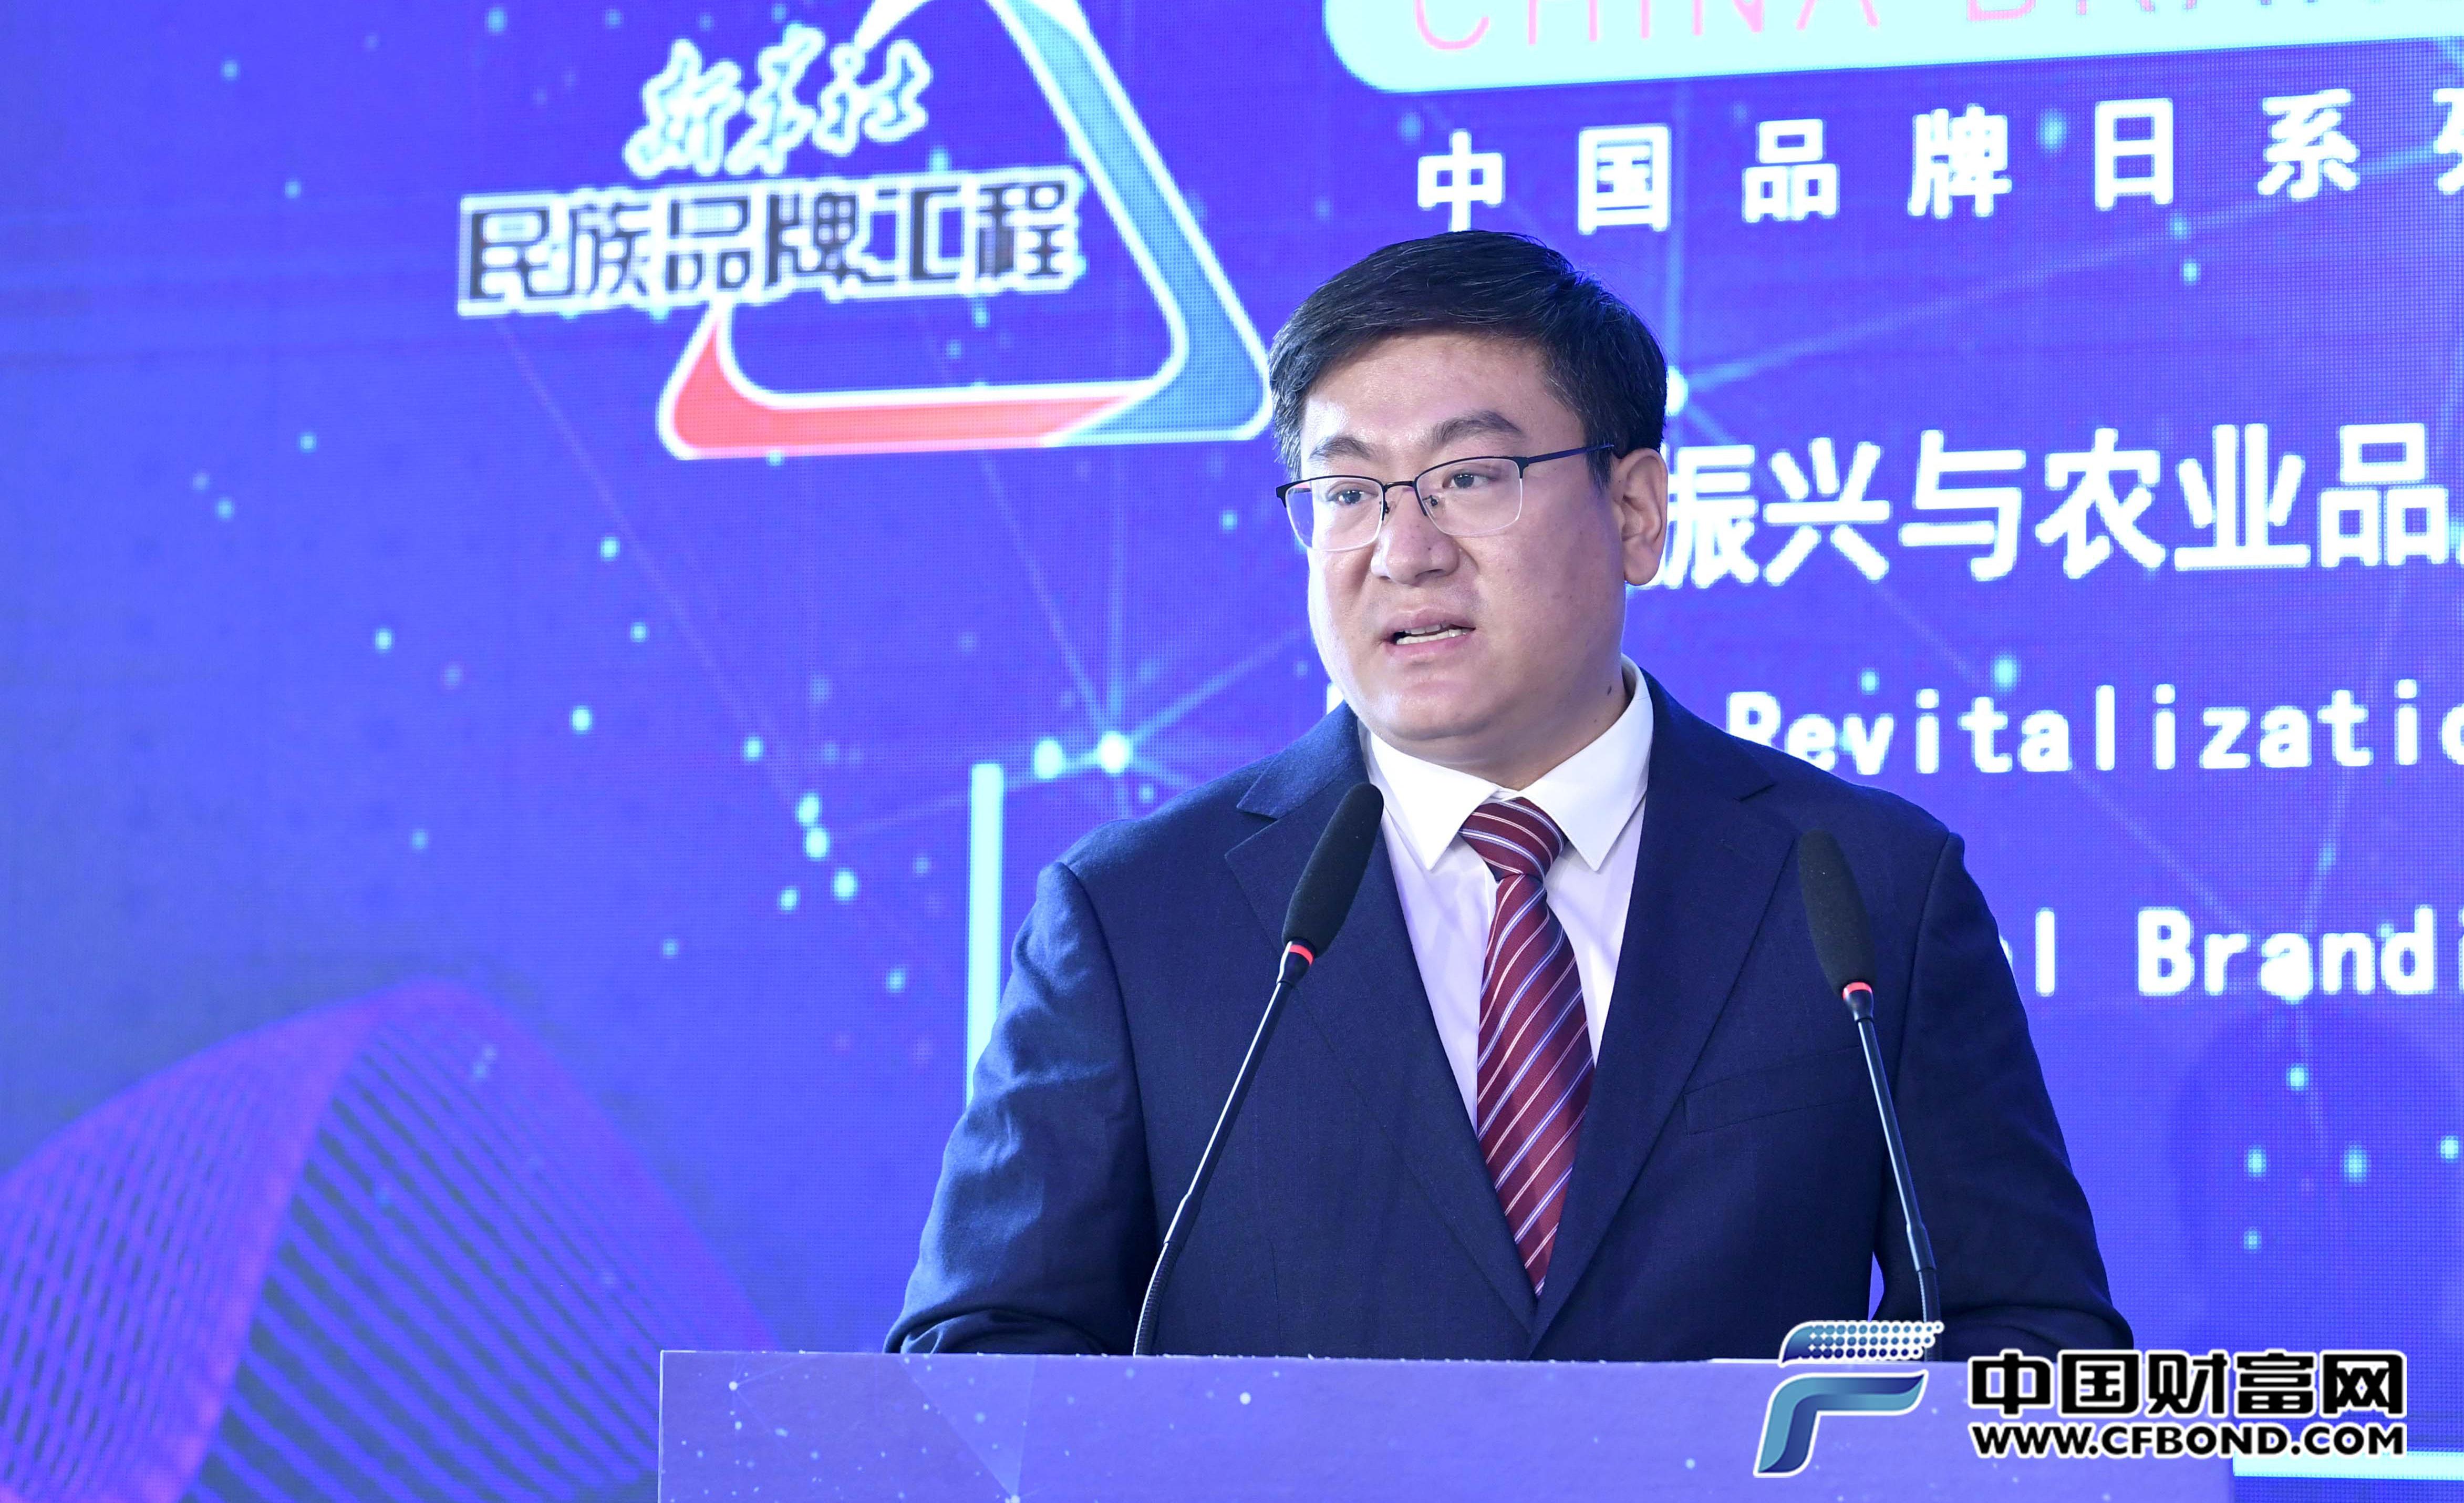 黑龙江省东宁市市长周振海发表主题演讲